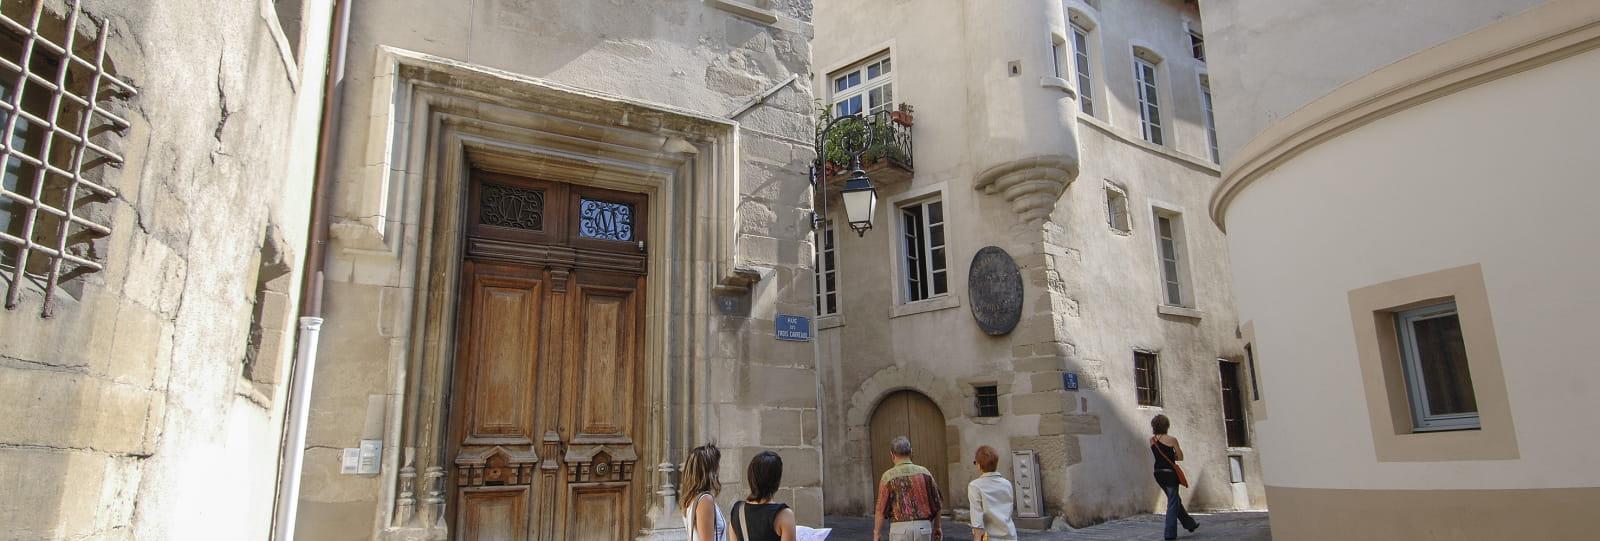 Le Centre Historique de Romans-sur-Isère